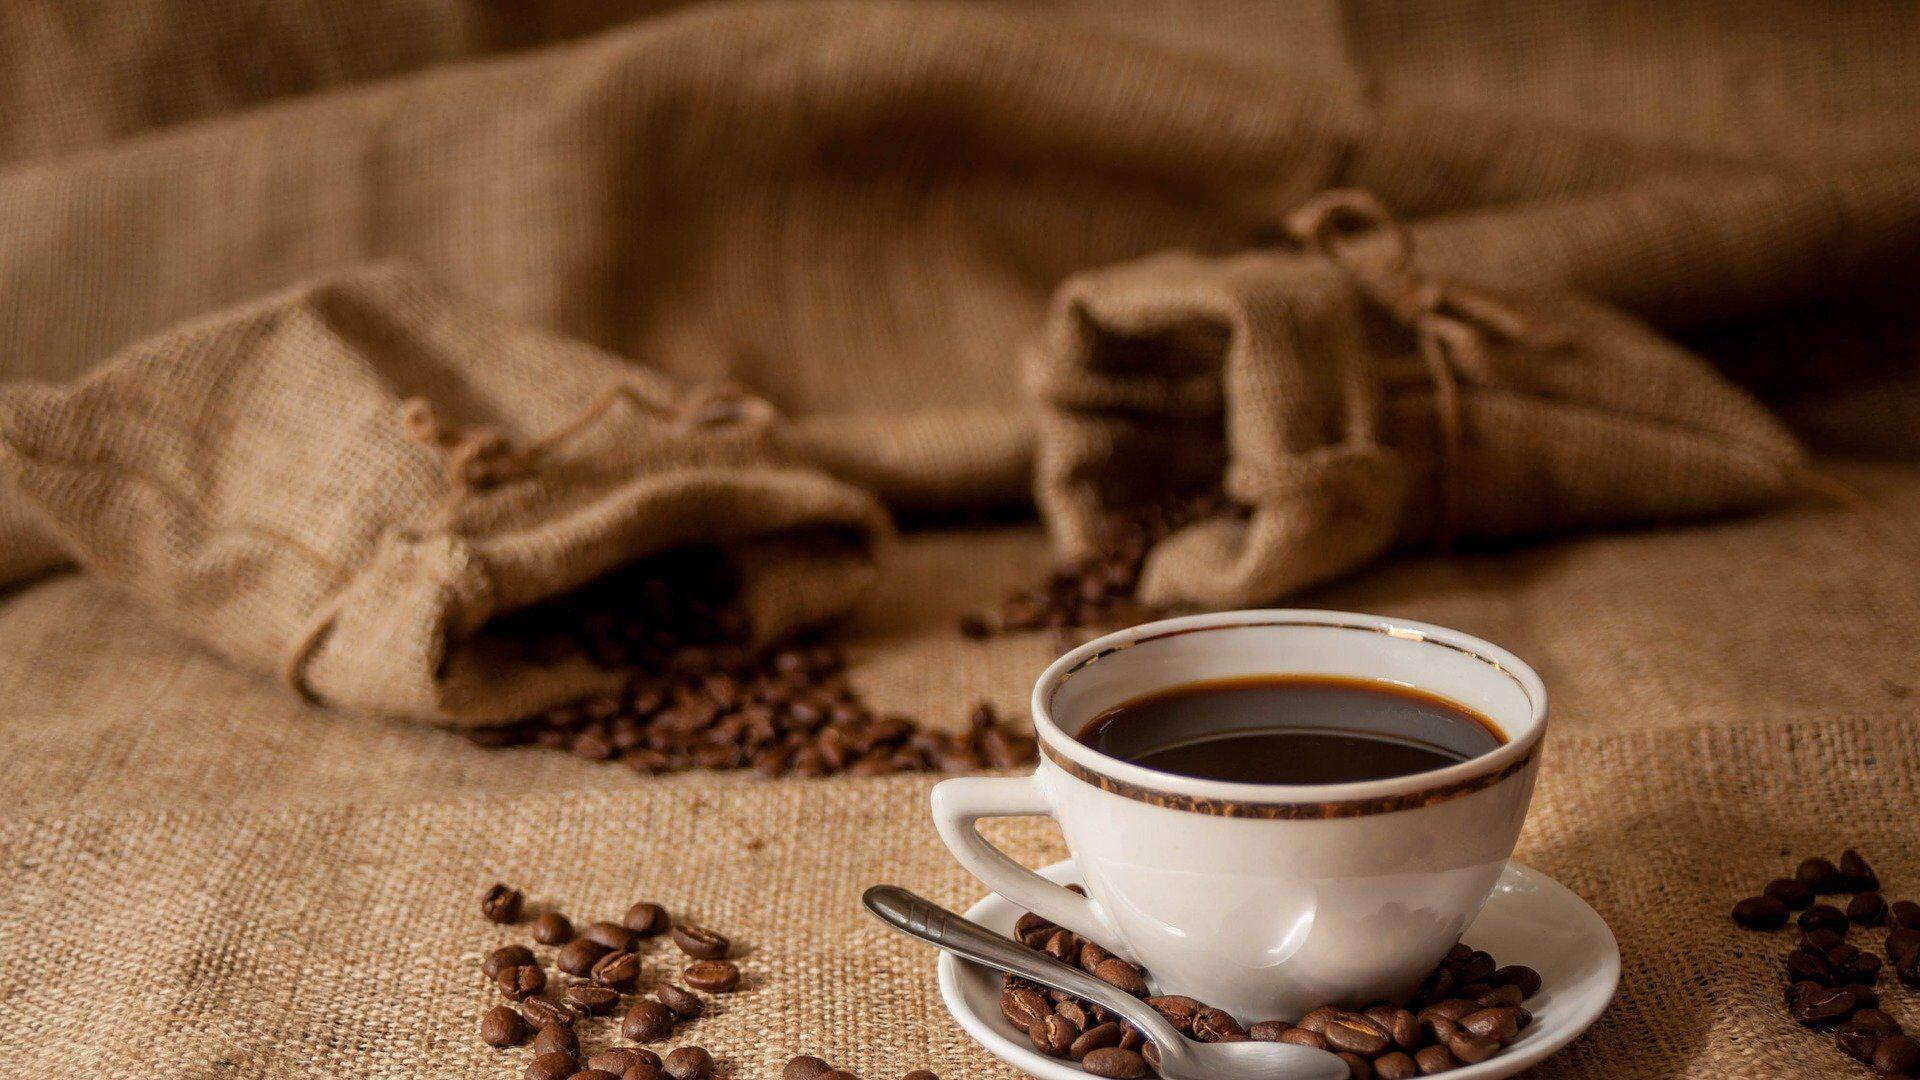 Чашка кофе, архивное фото  - Sputnik Армения, 1920, 19.09.2021